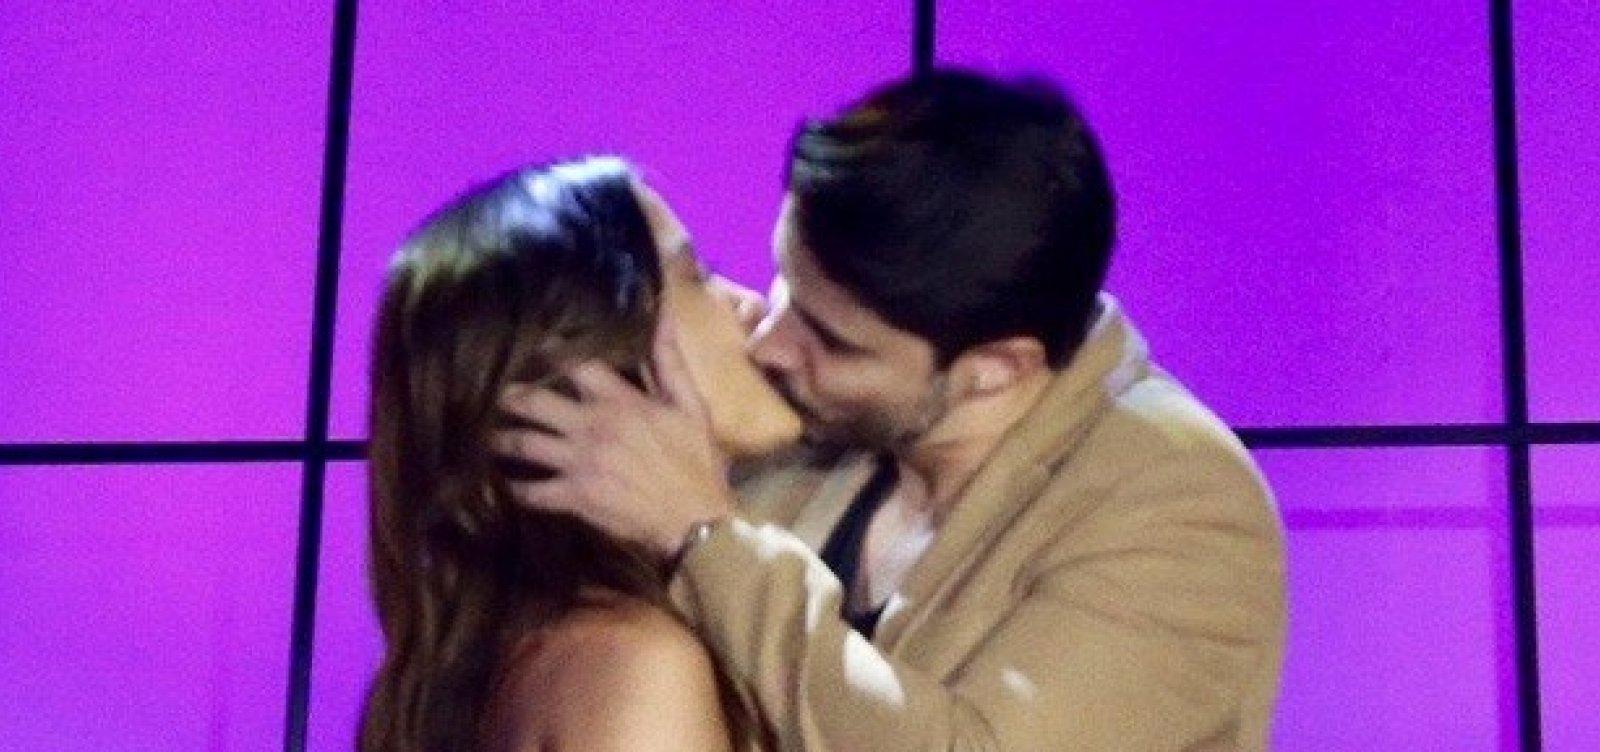 [Cantor tasca beijão em Anitta: 'Bom pra caramba']